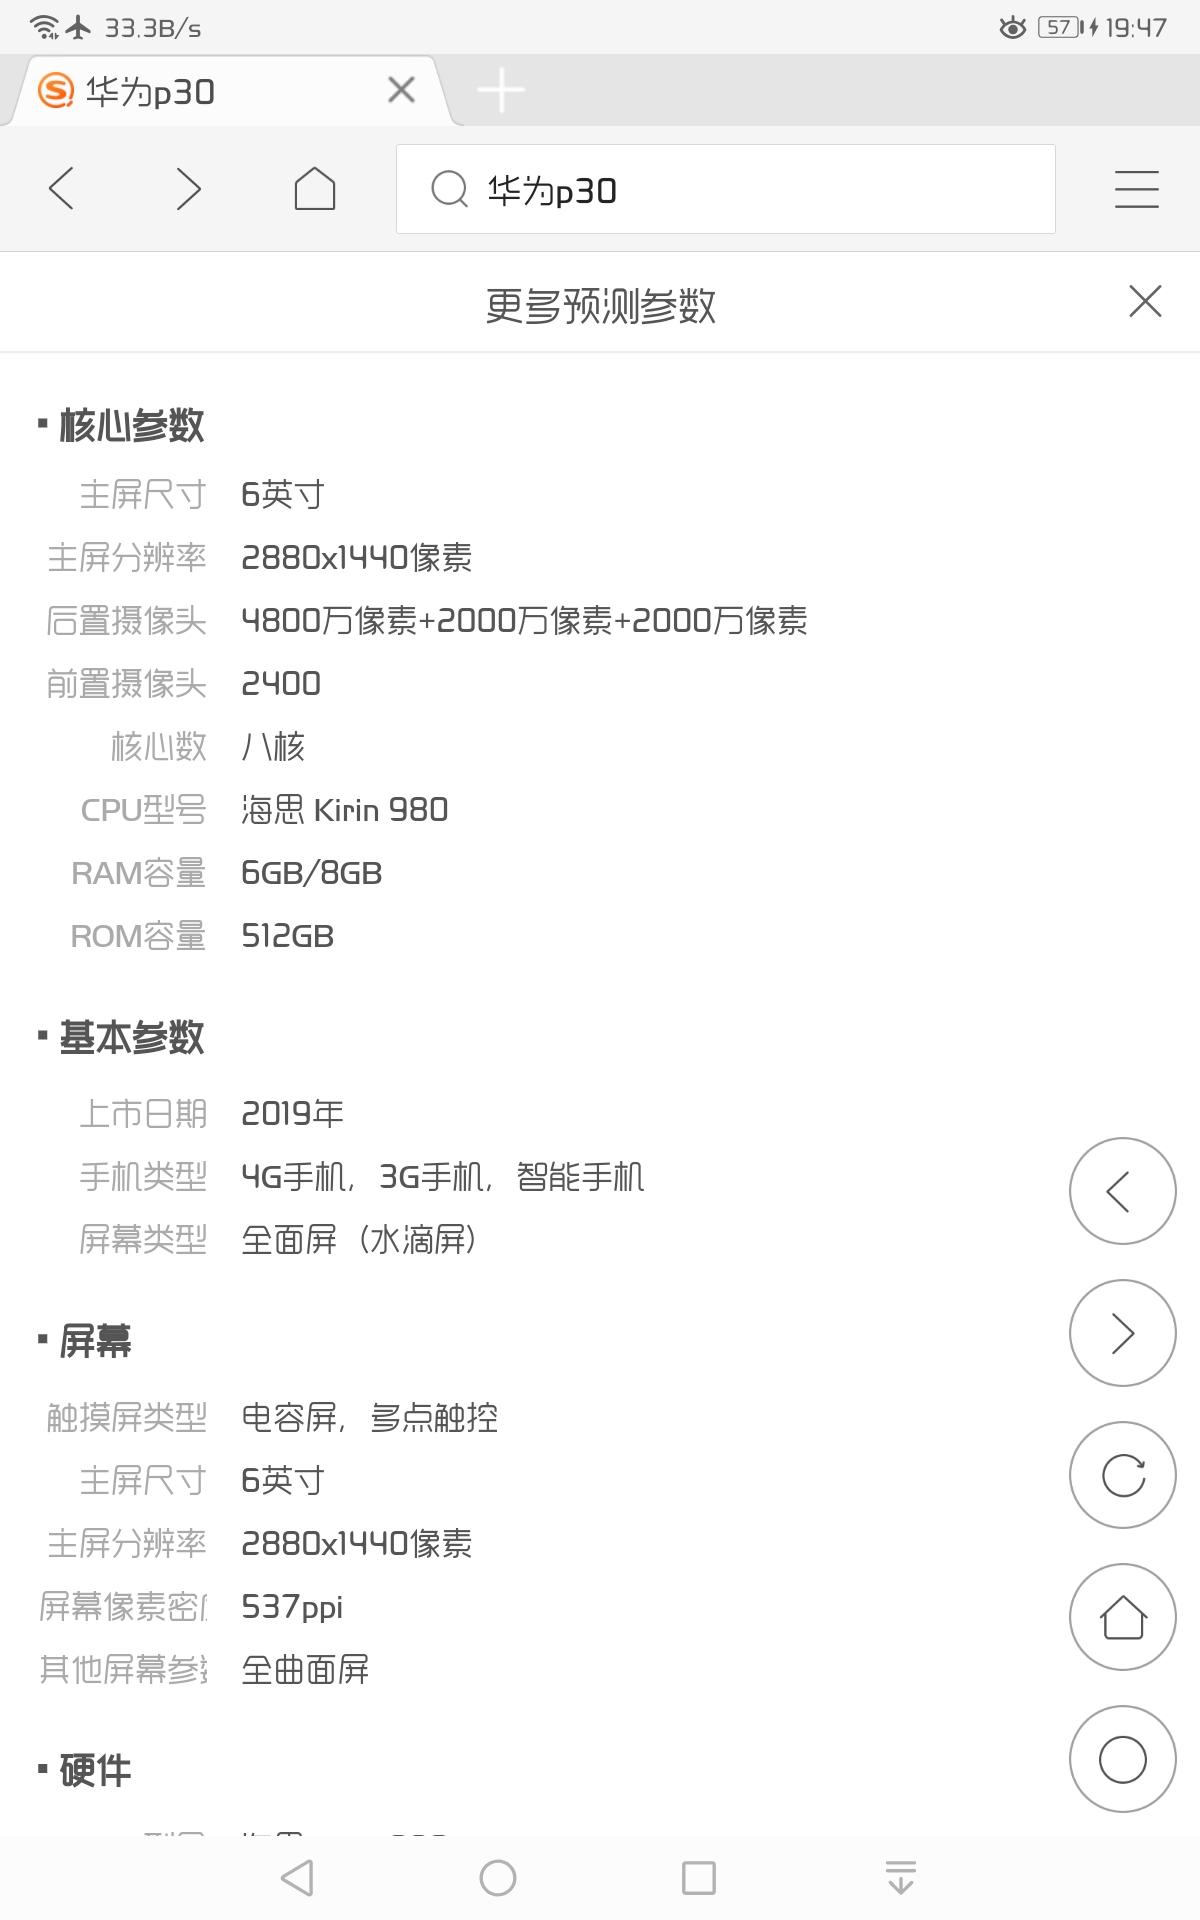 Screenshot_20190326_194703_com.tencent.mtt.jpg